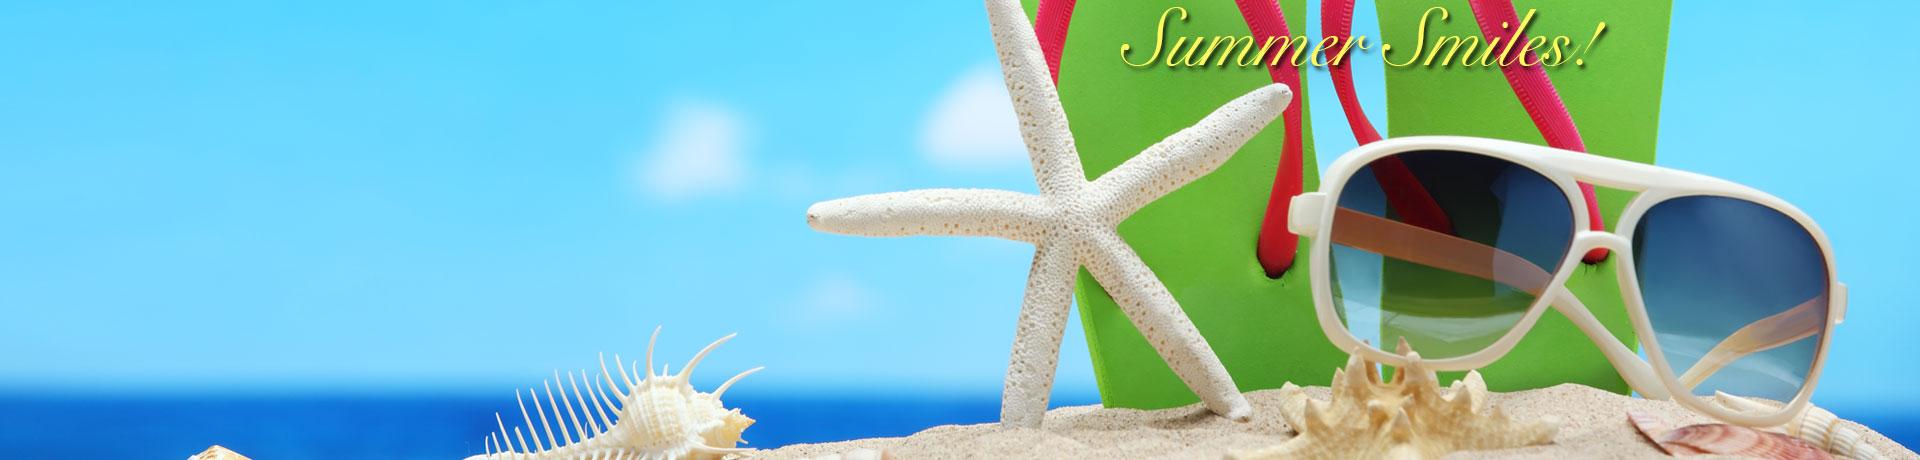 summer-Banner-new